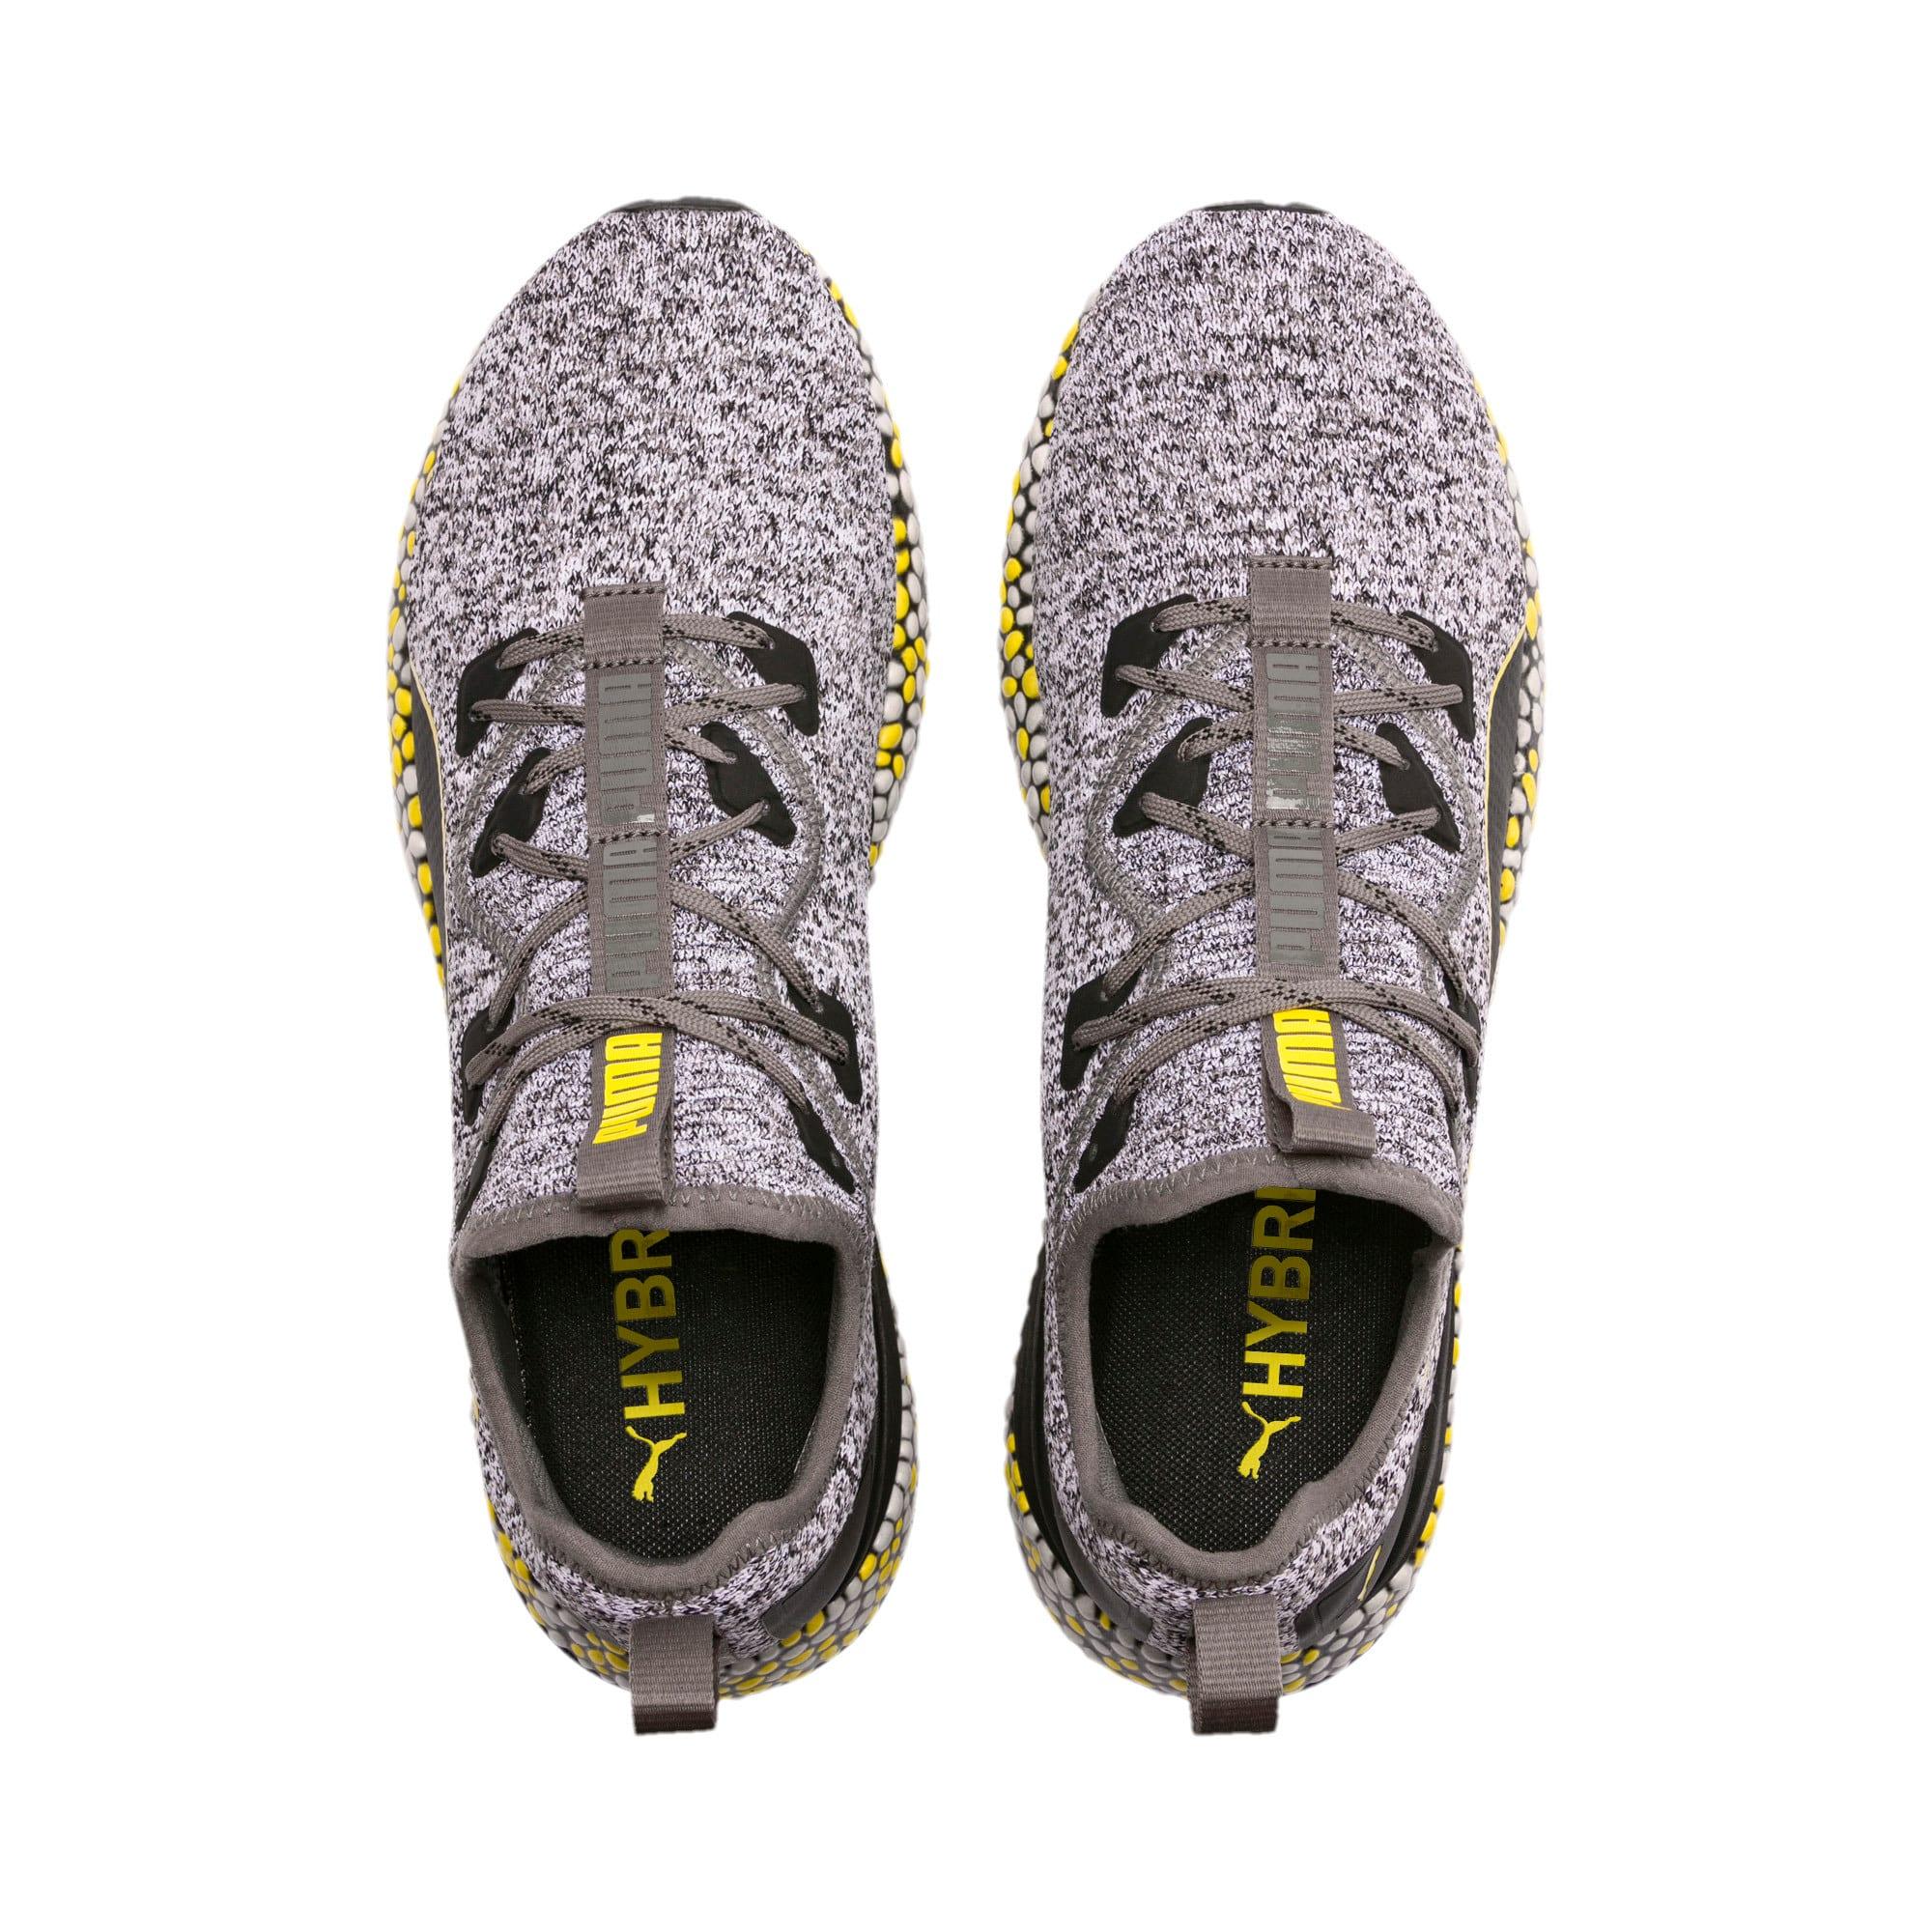 Thumbnail 6 of Scarpe Running Hybrid Runner uomo, Black-White-Blazing Yellow, medium